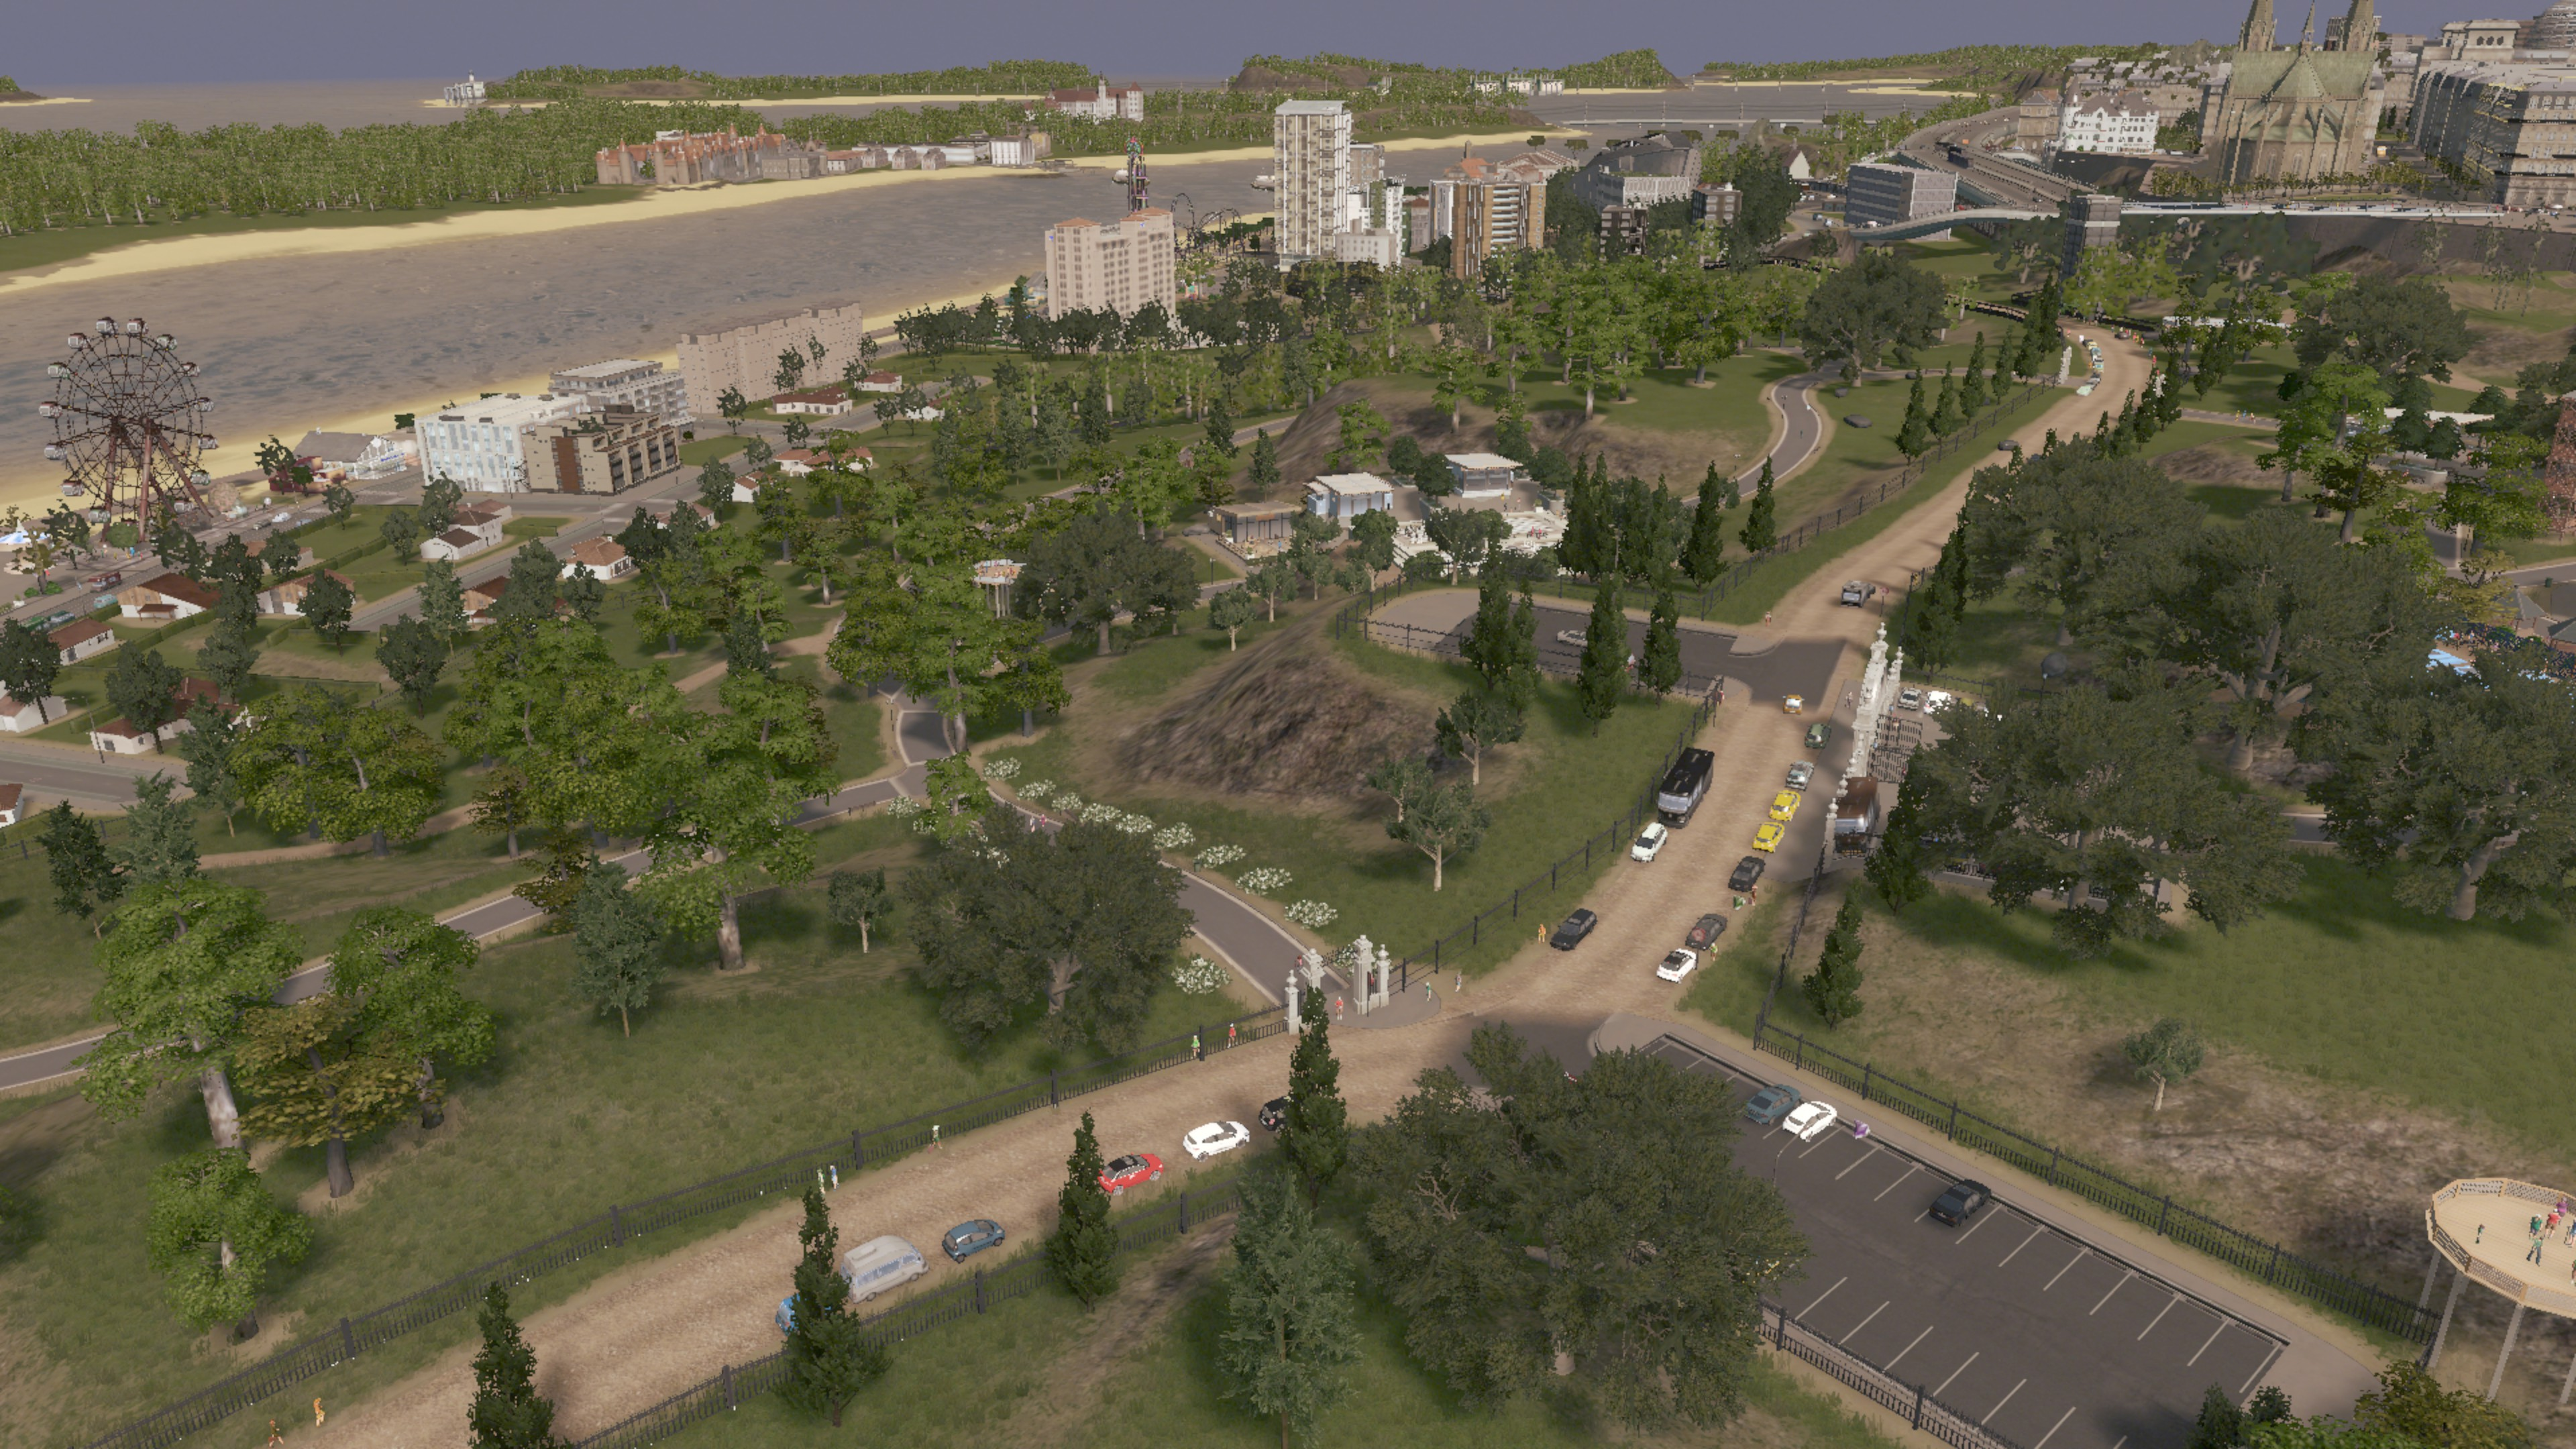 Labadie - Journal 3 d'une ville en construction - Page 3 C812EA5FA621959EED9EBEC077B0E34D29F33B01